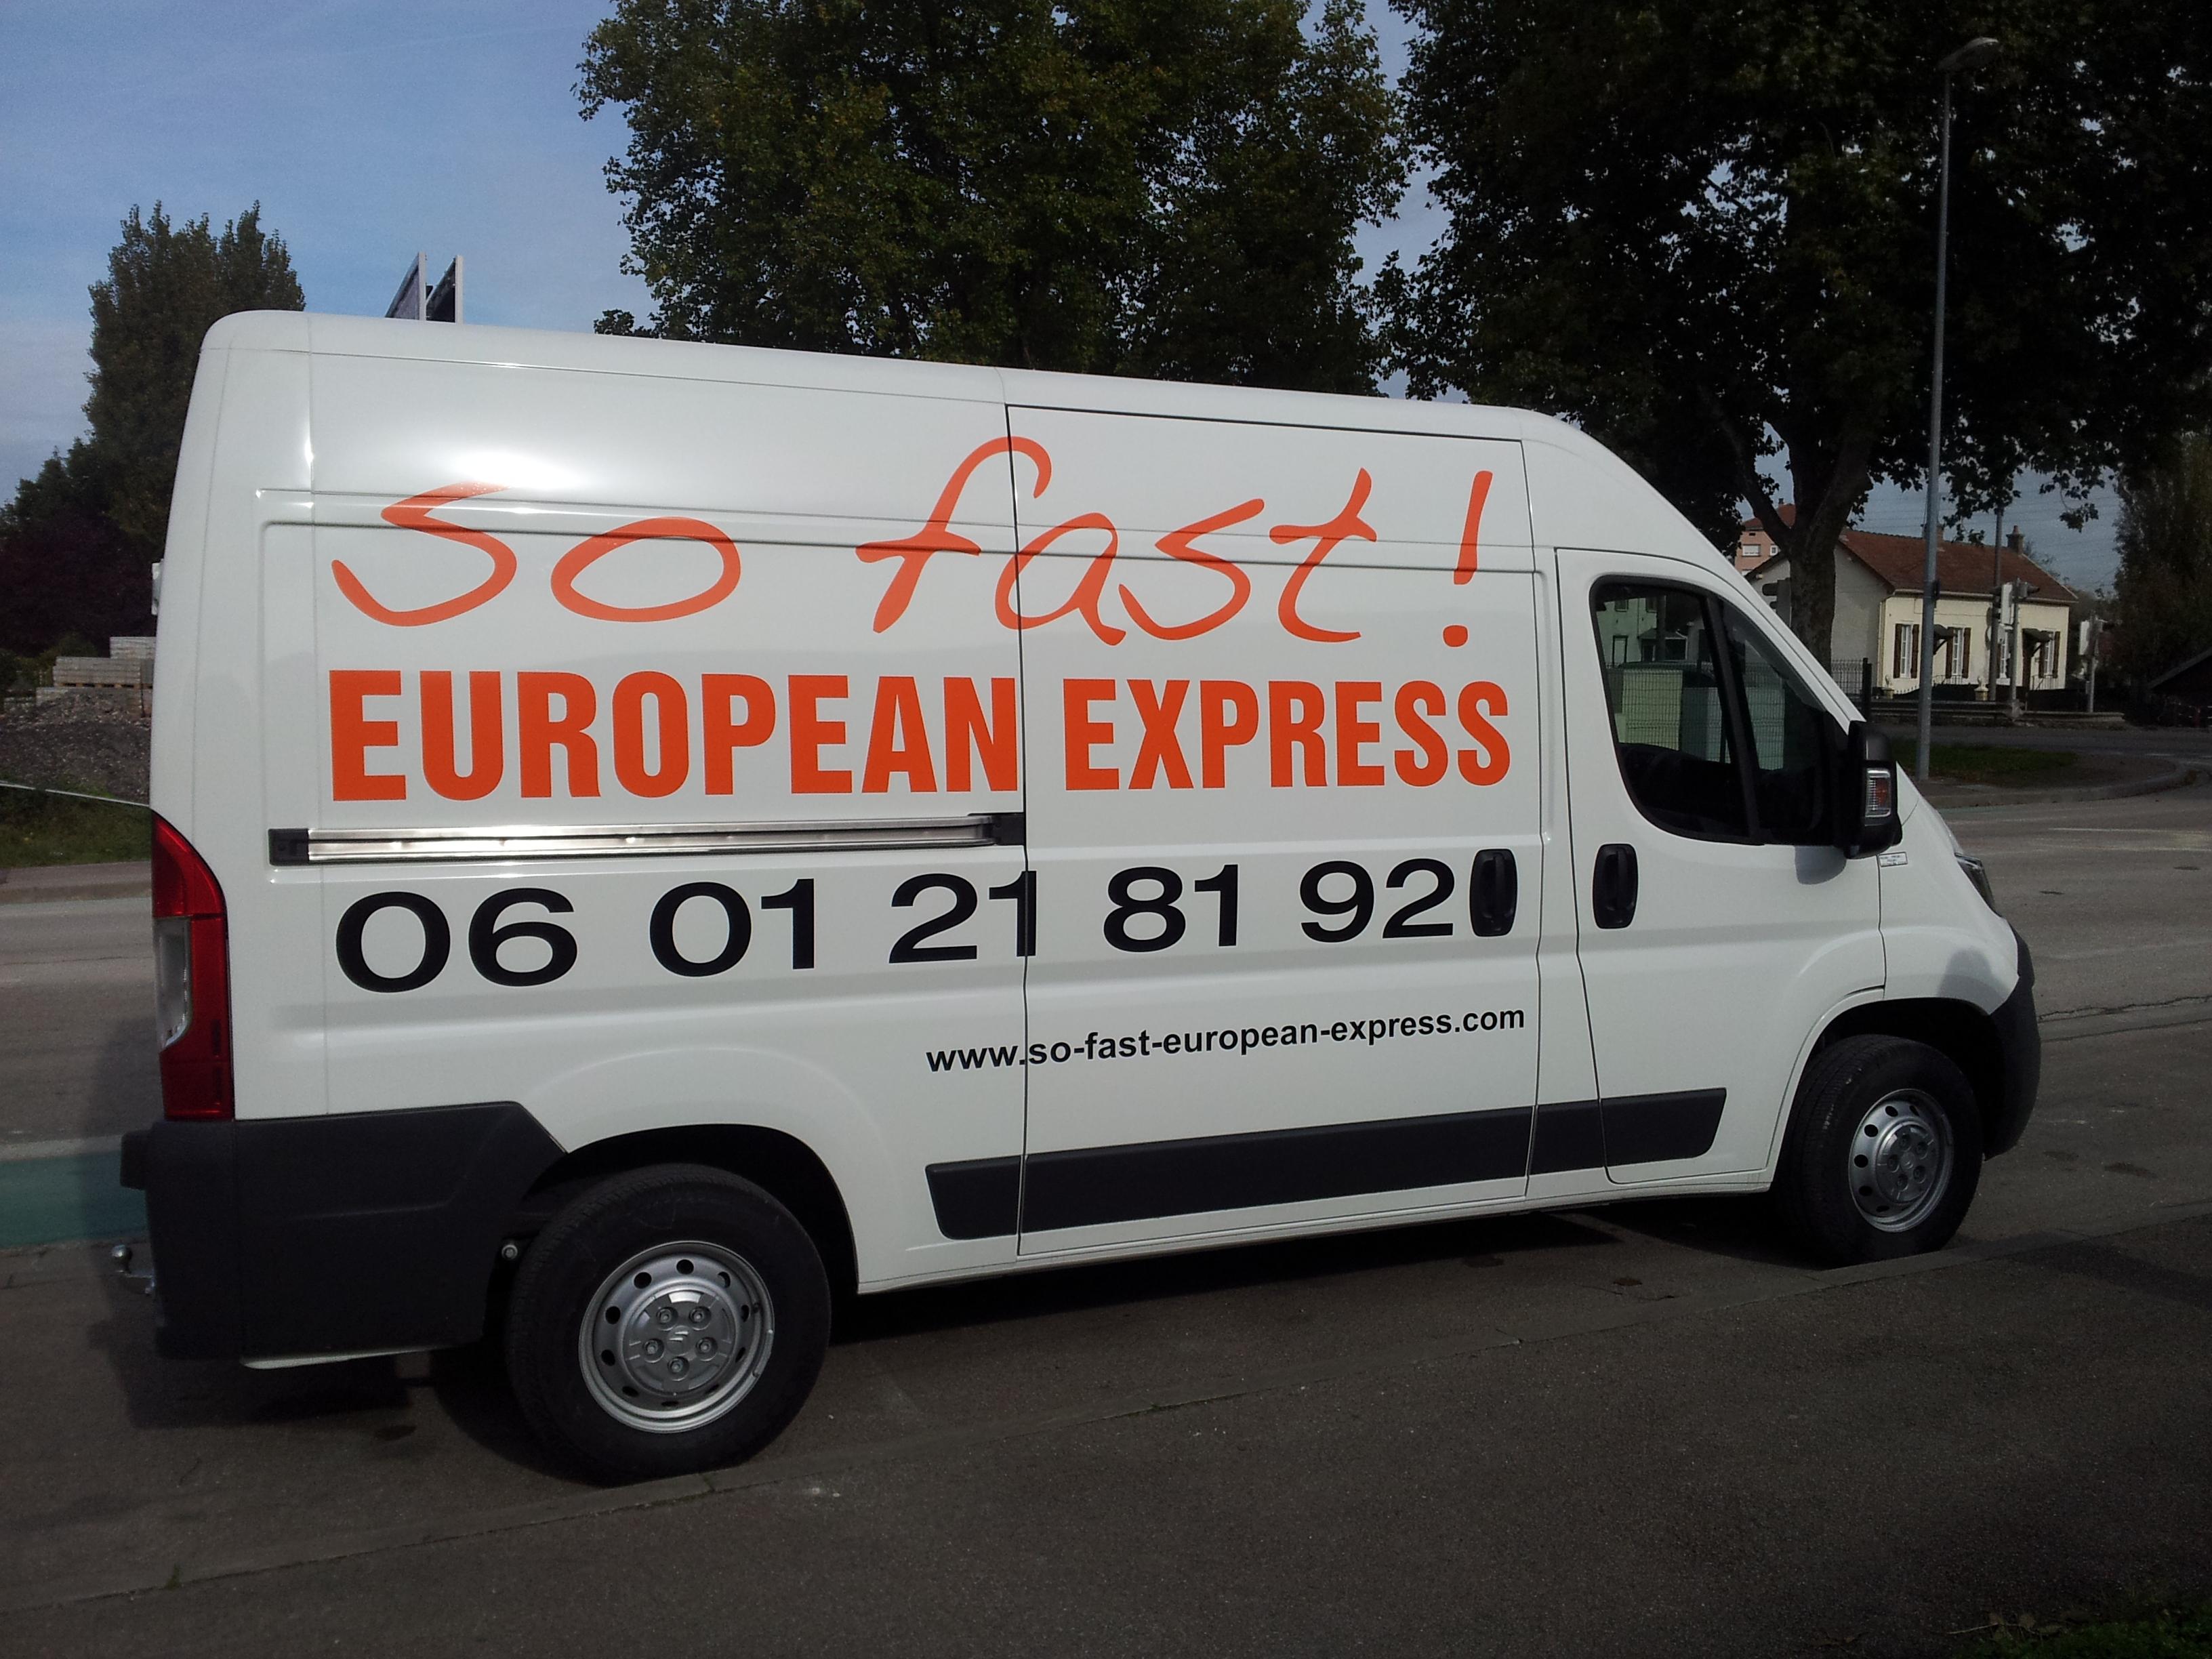 SO FAST EUROPEAN EXPRESS